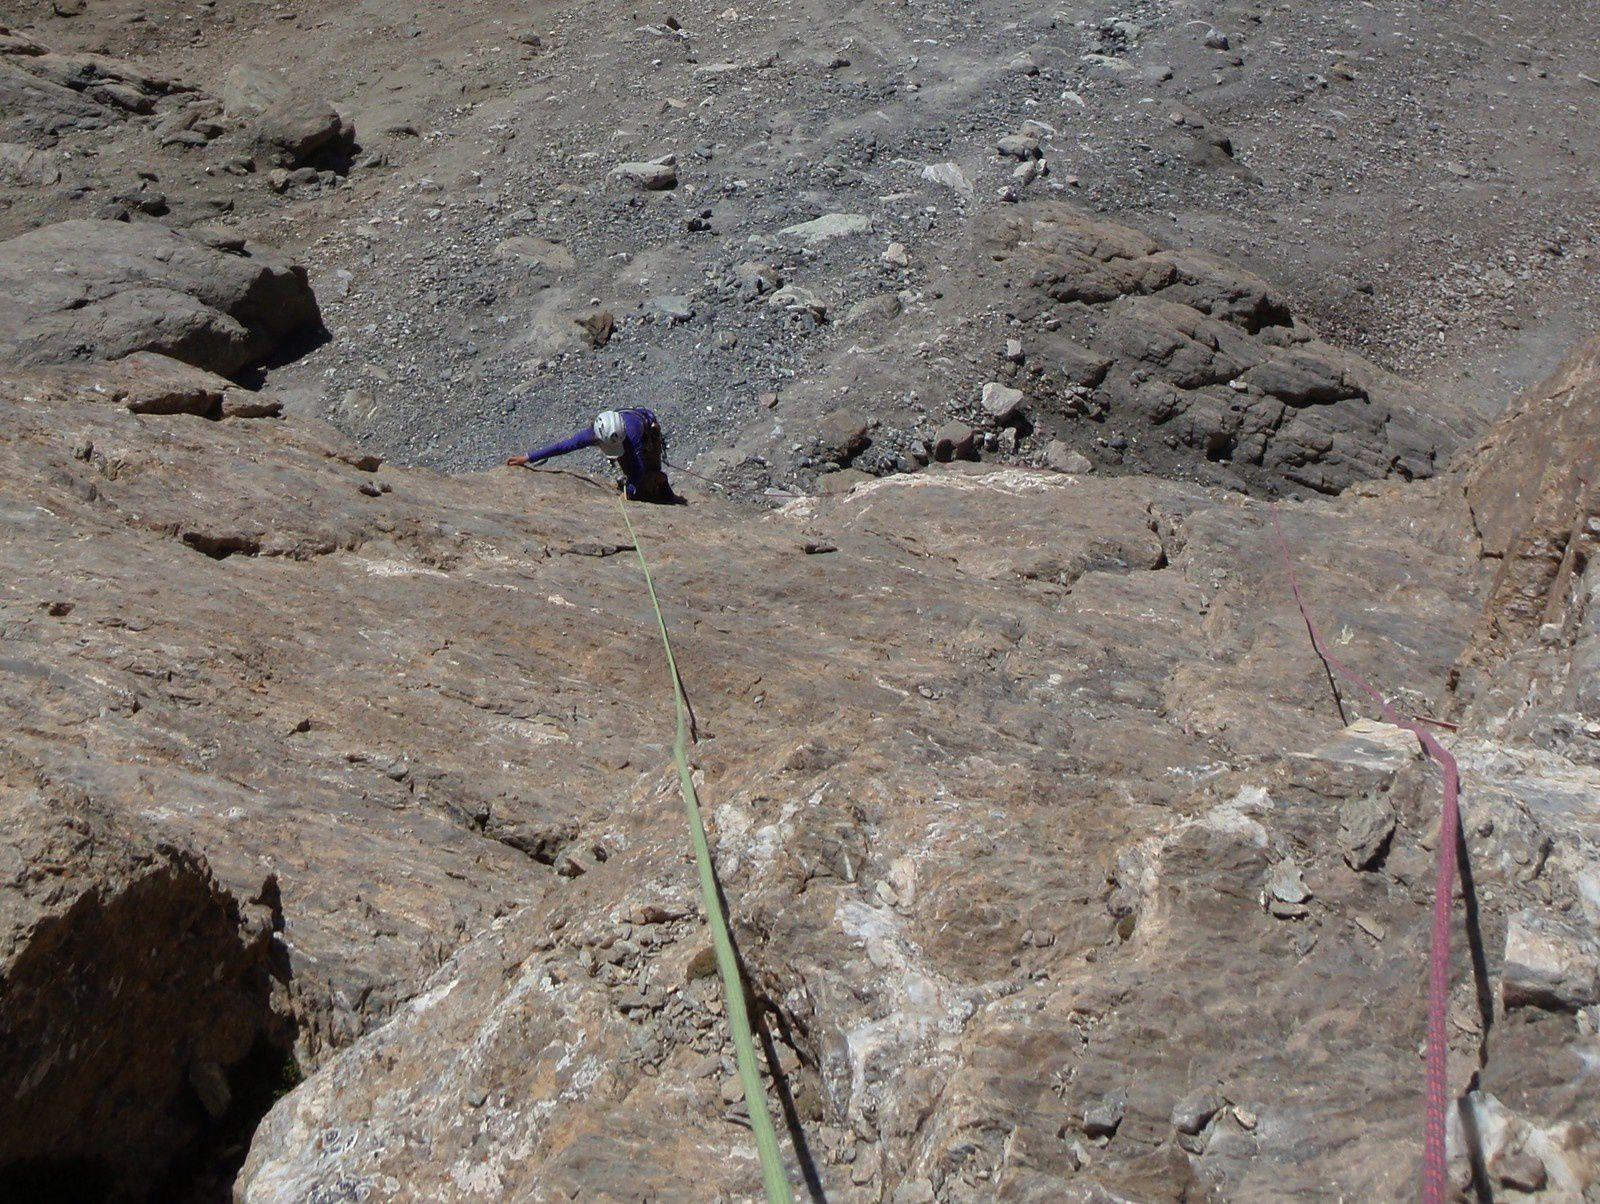 La 2ème longueur est la plus dure avec un pas de 6- pitoné, suivi d'une dalle en 4 expo de 10m de haut.